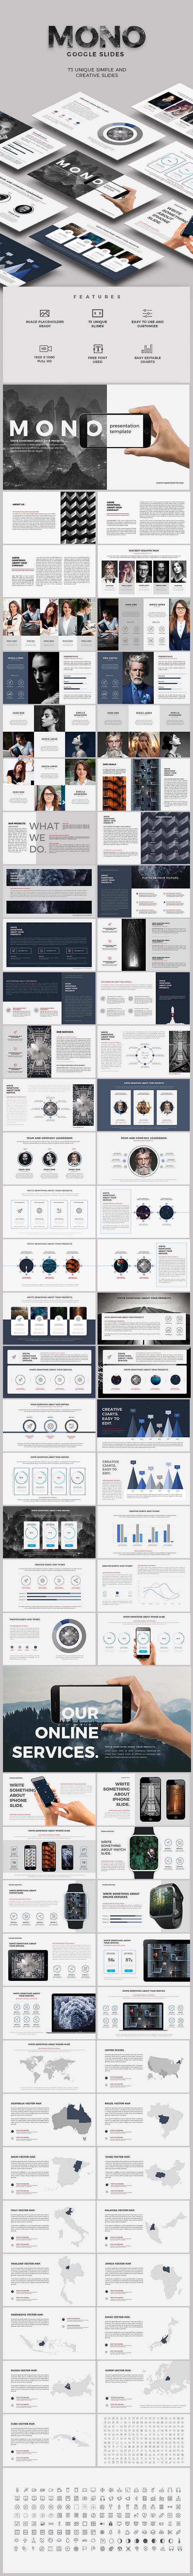 Mono Google Slides - Google Slides Presentation Templates